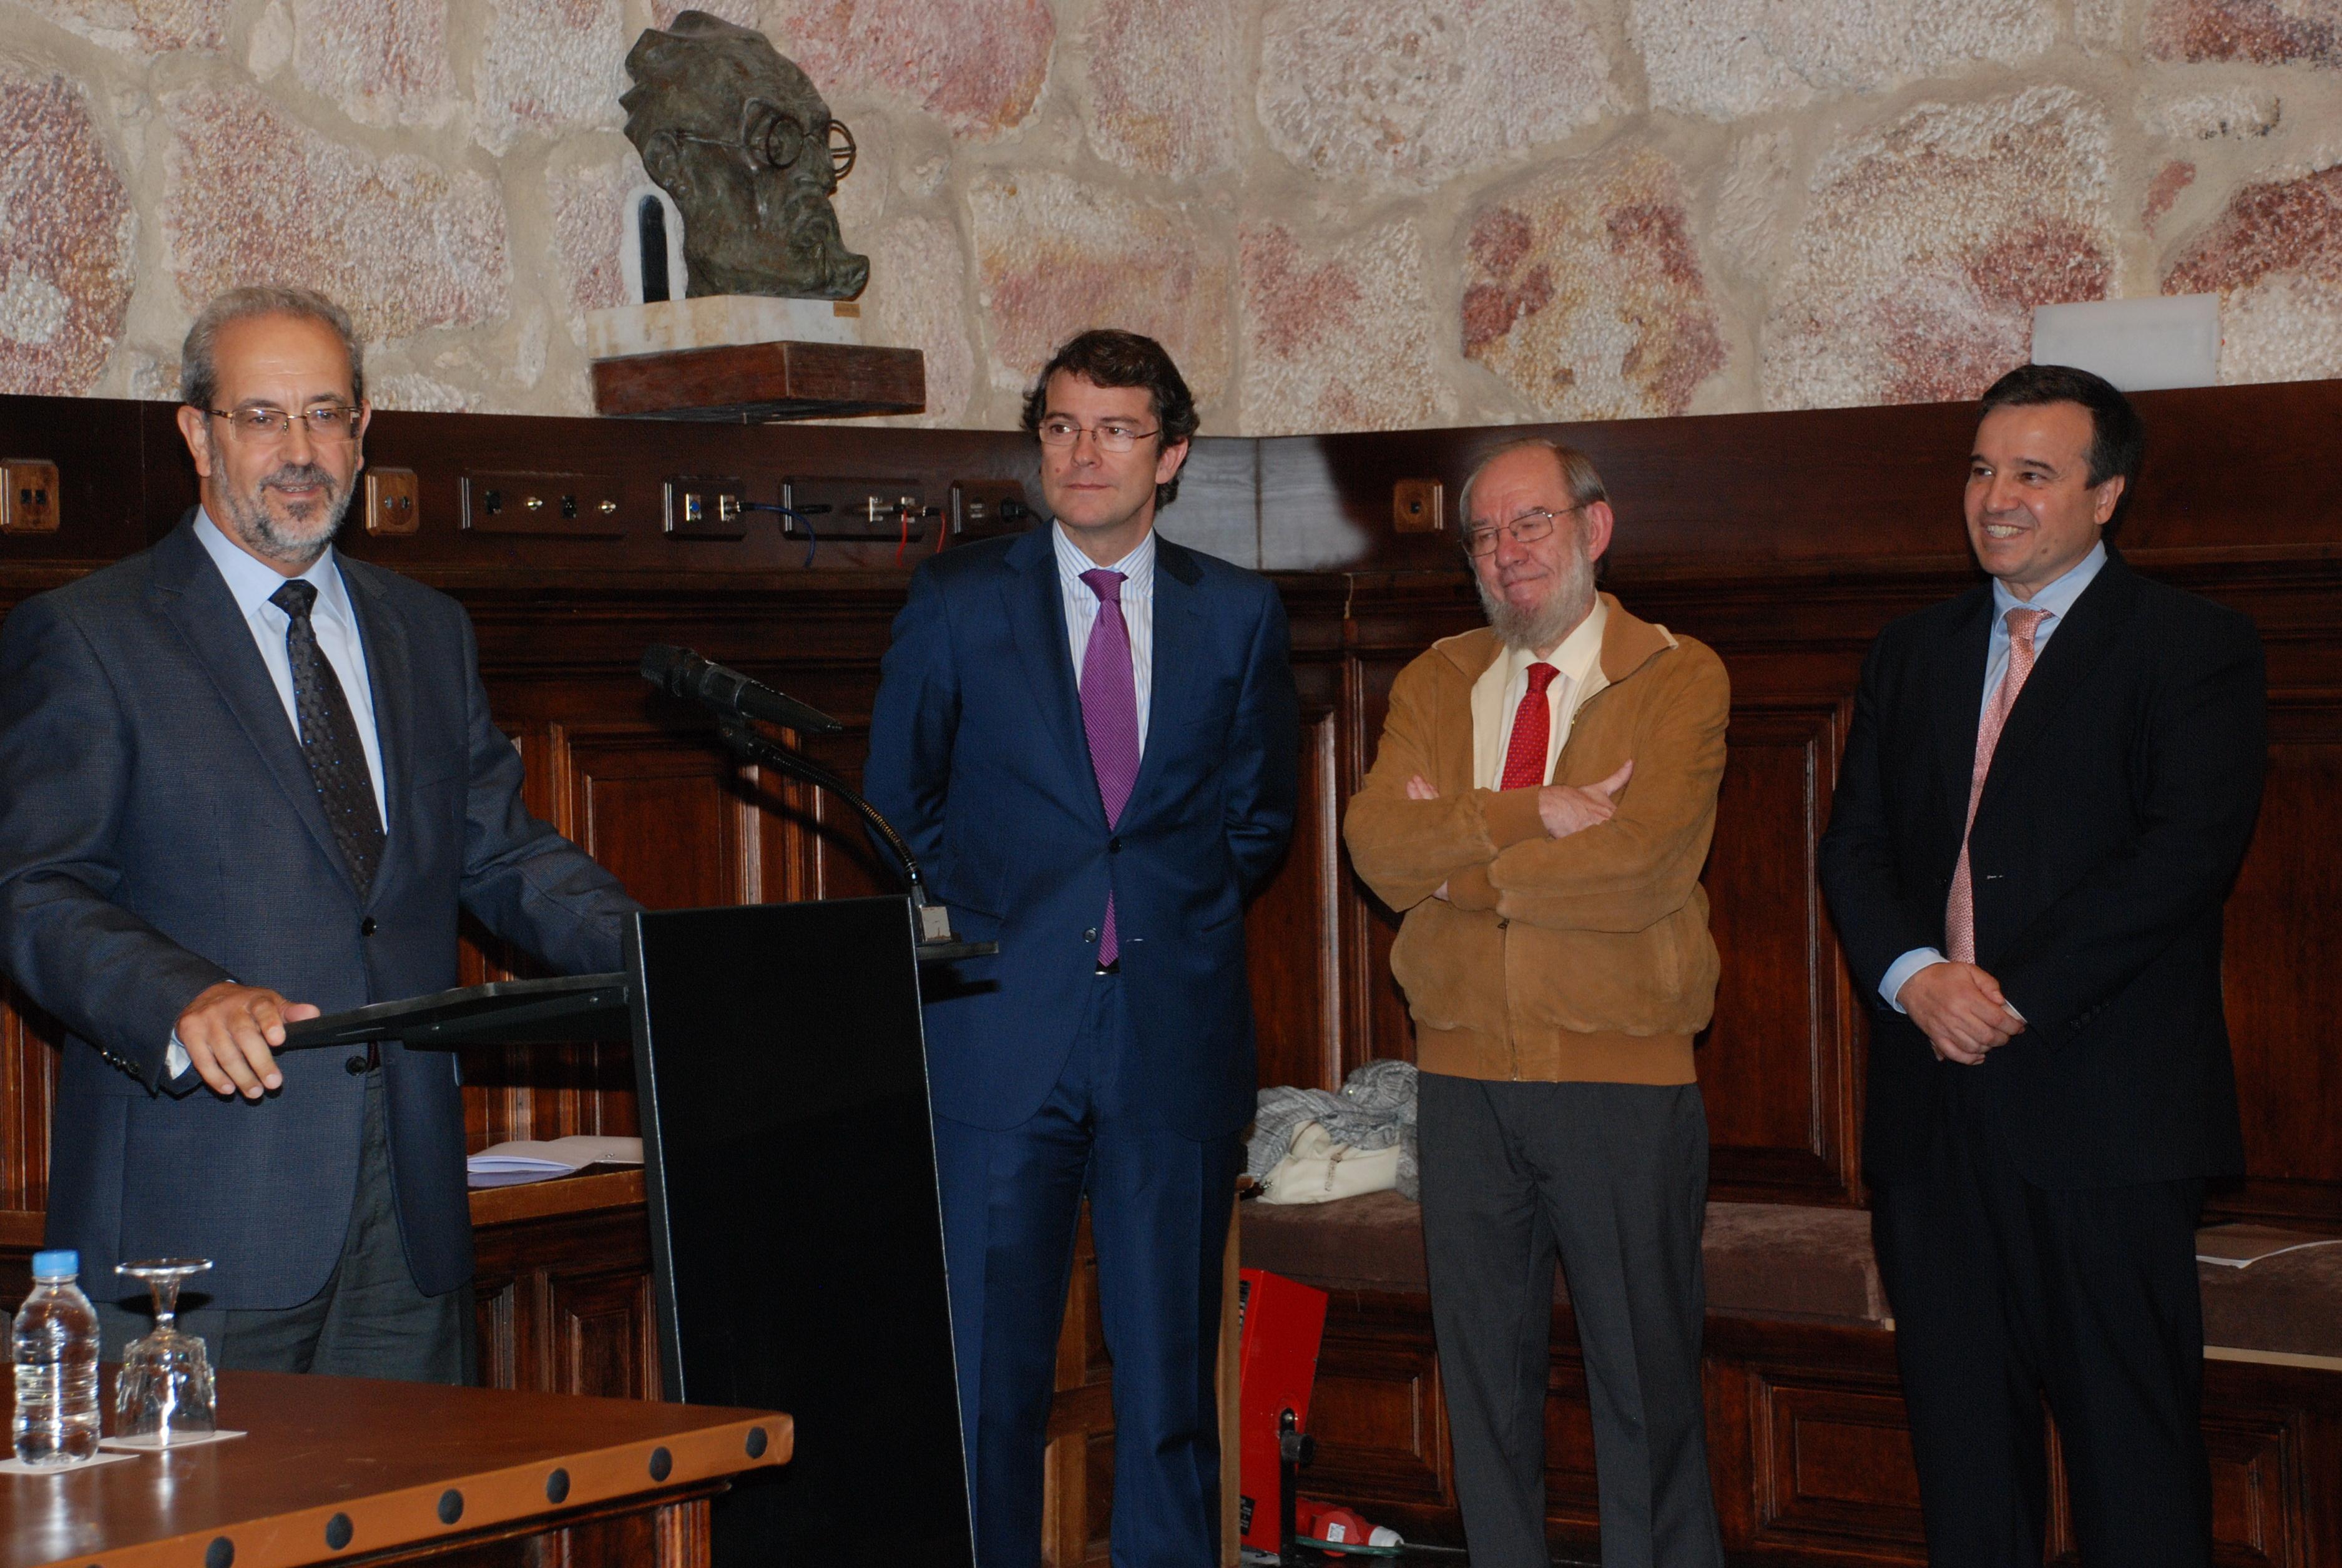 Homenaje a Juan Antonio Pérez Millán, director de la Filmoteca de Castilla y León, con motivo de su jubilación